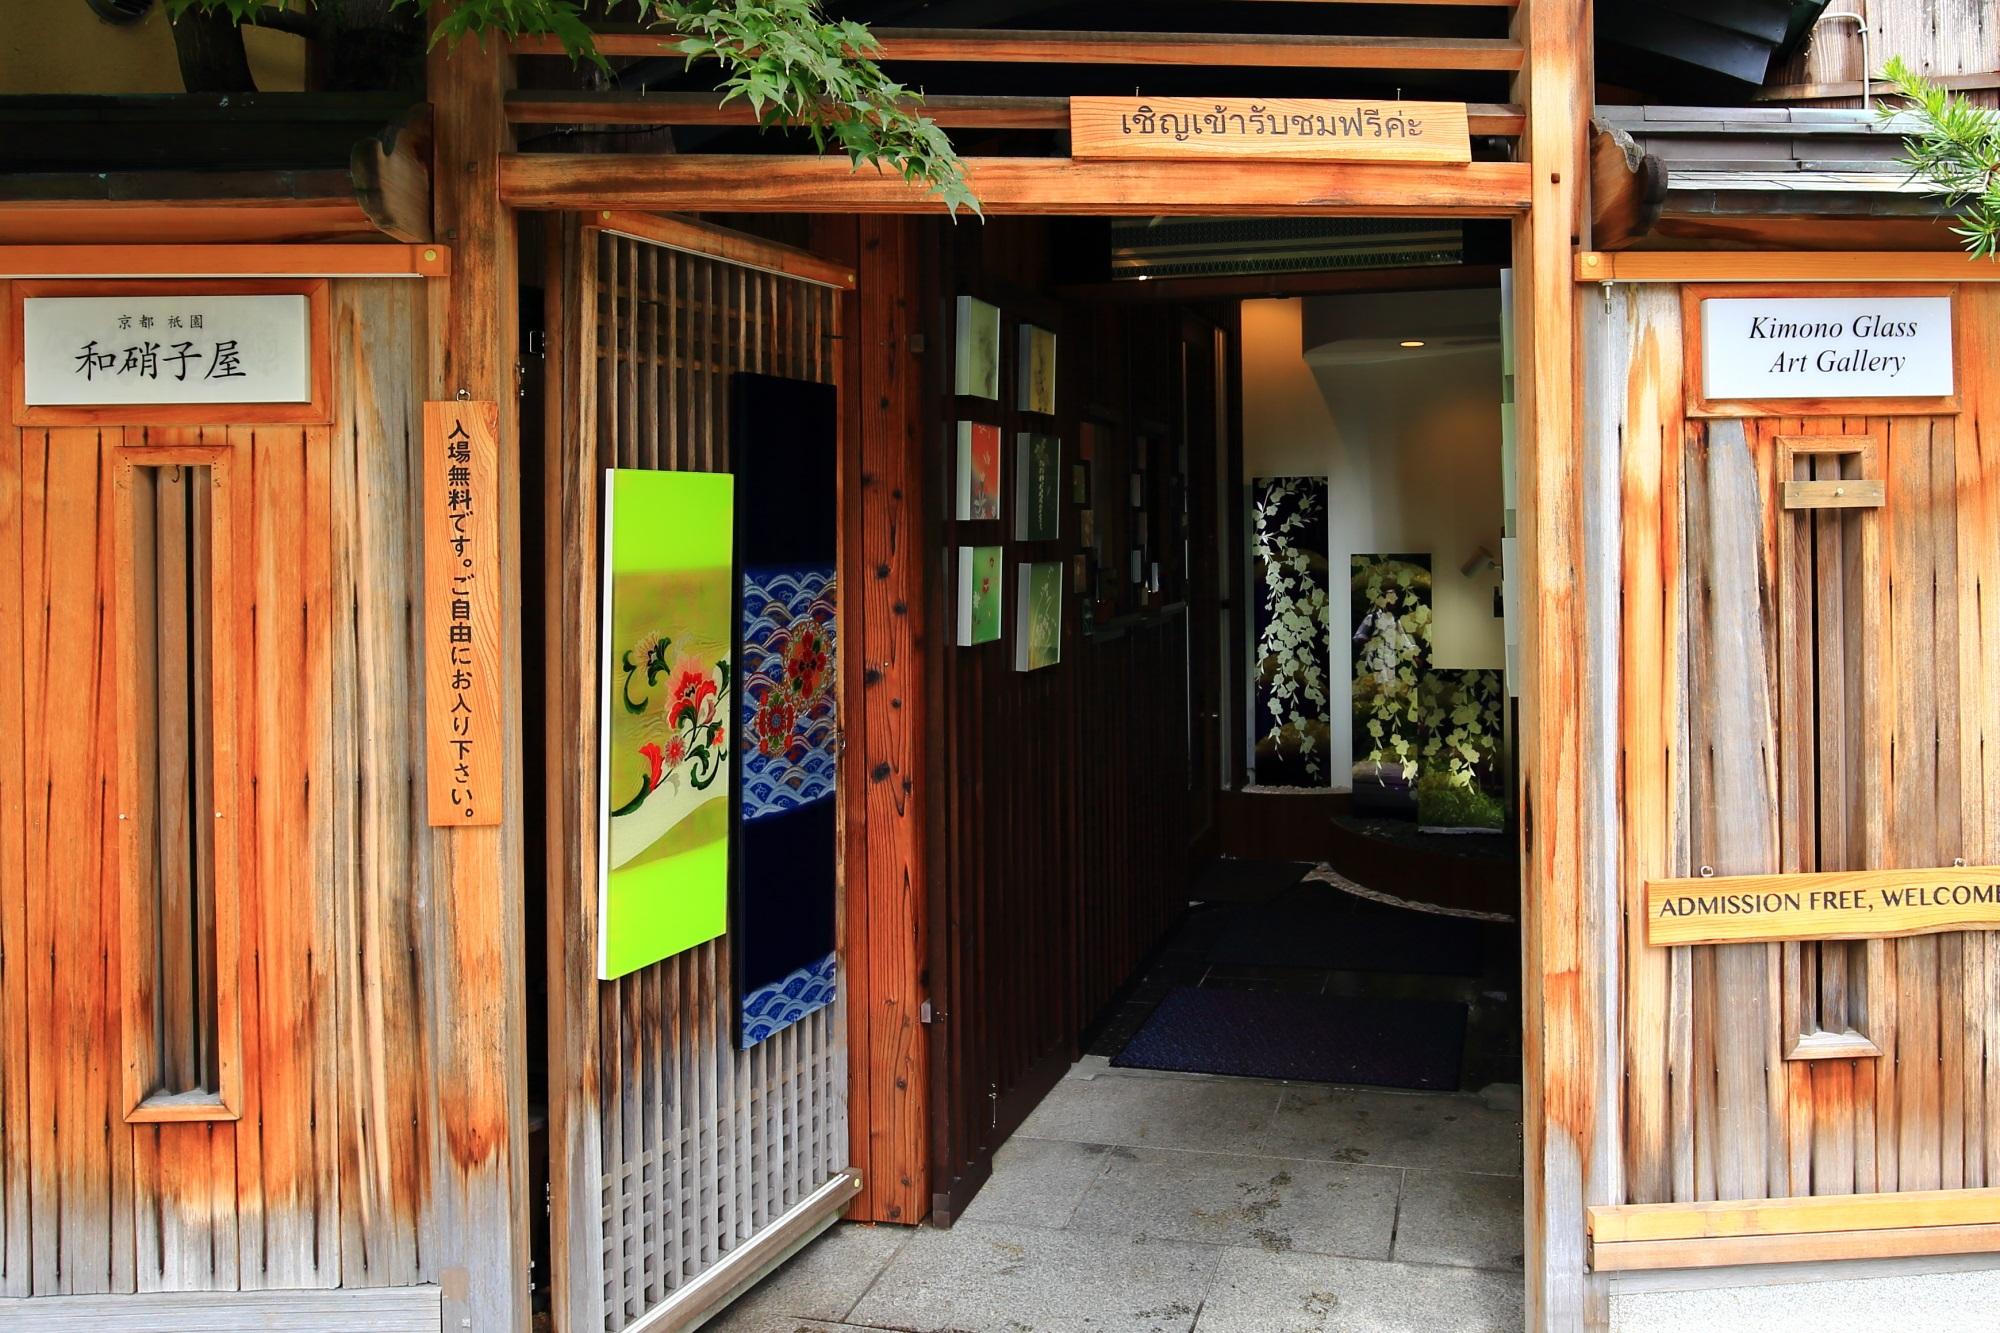 和硝子屋 祇園ギャラリー 玄関